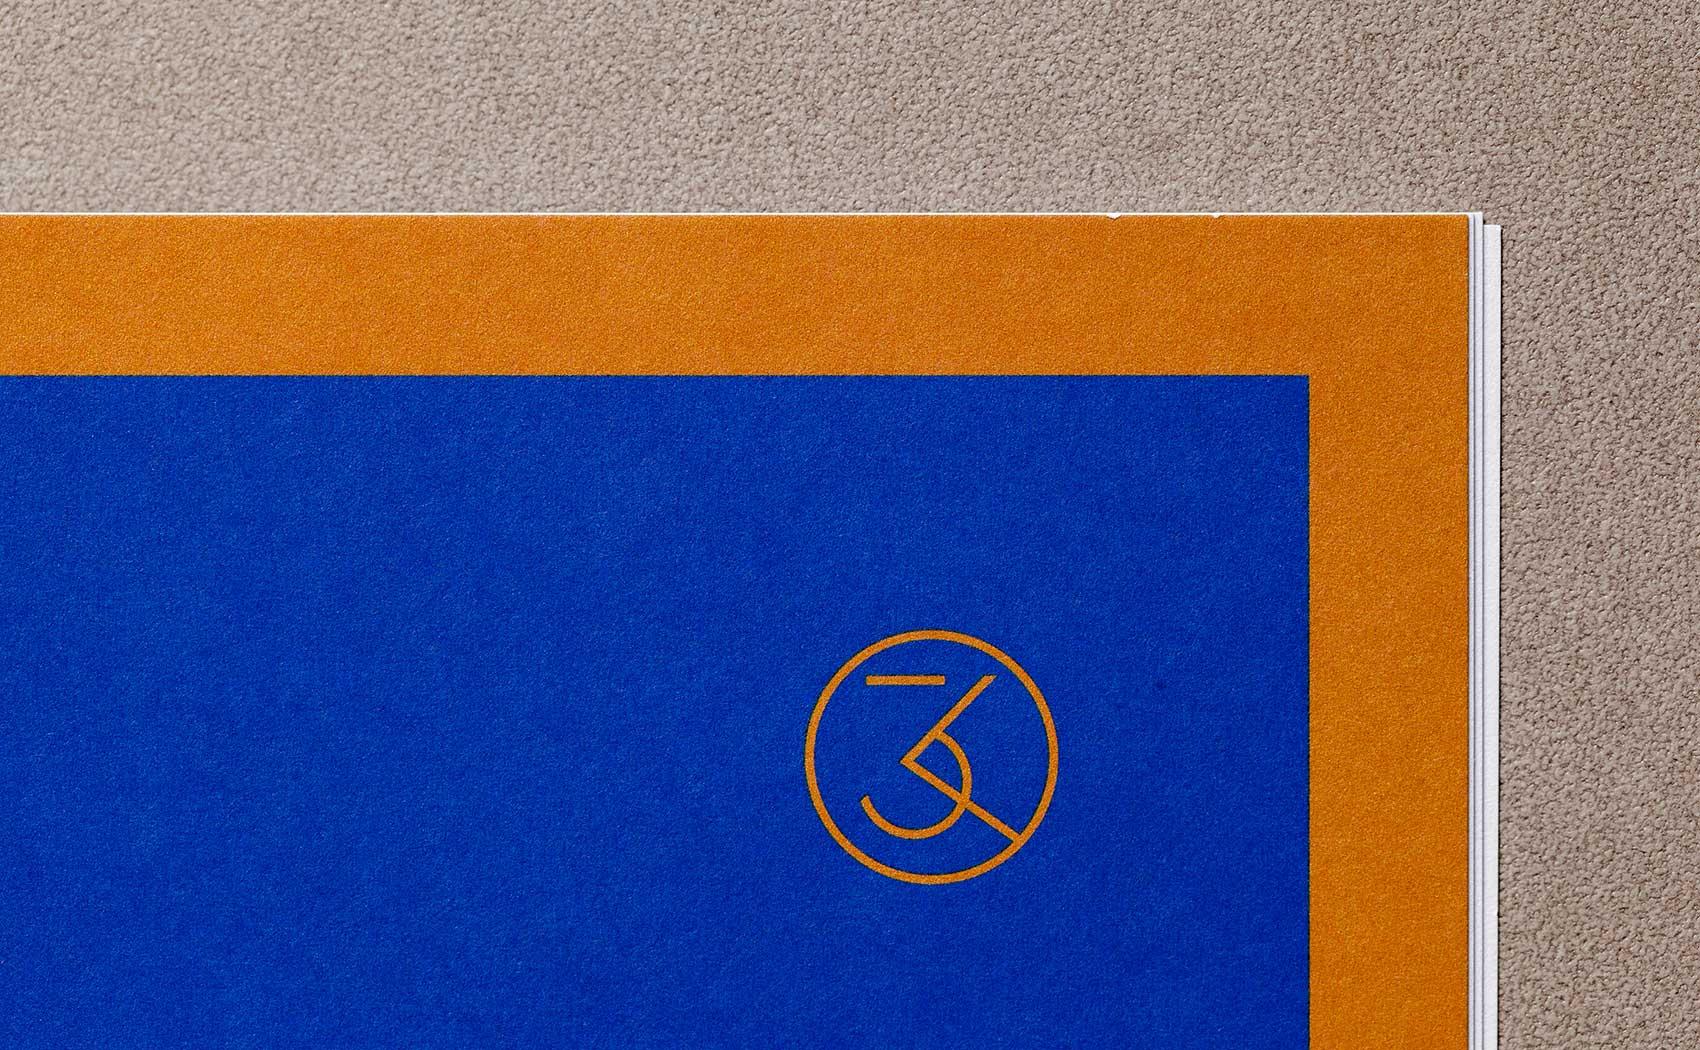 Icondesign als Logo und kräftige Farben im Corporate Design vom Lektorat 3KANDT